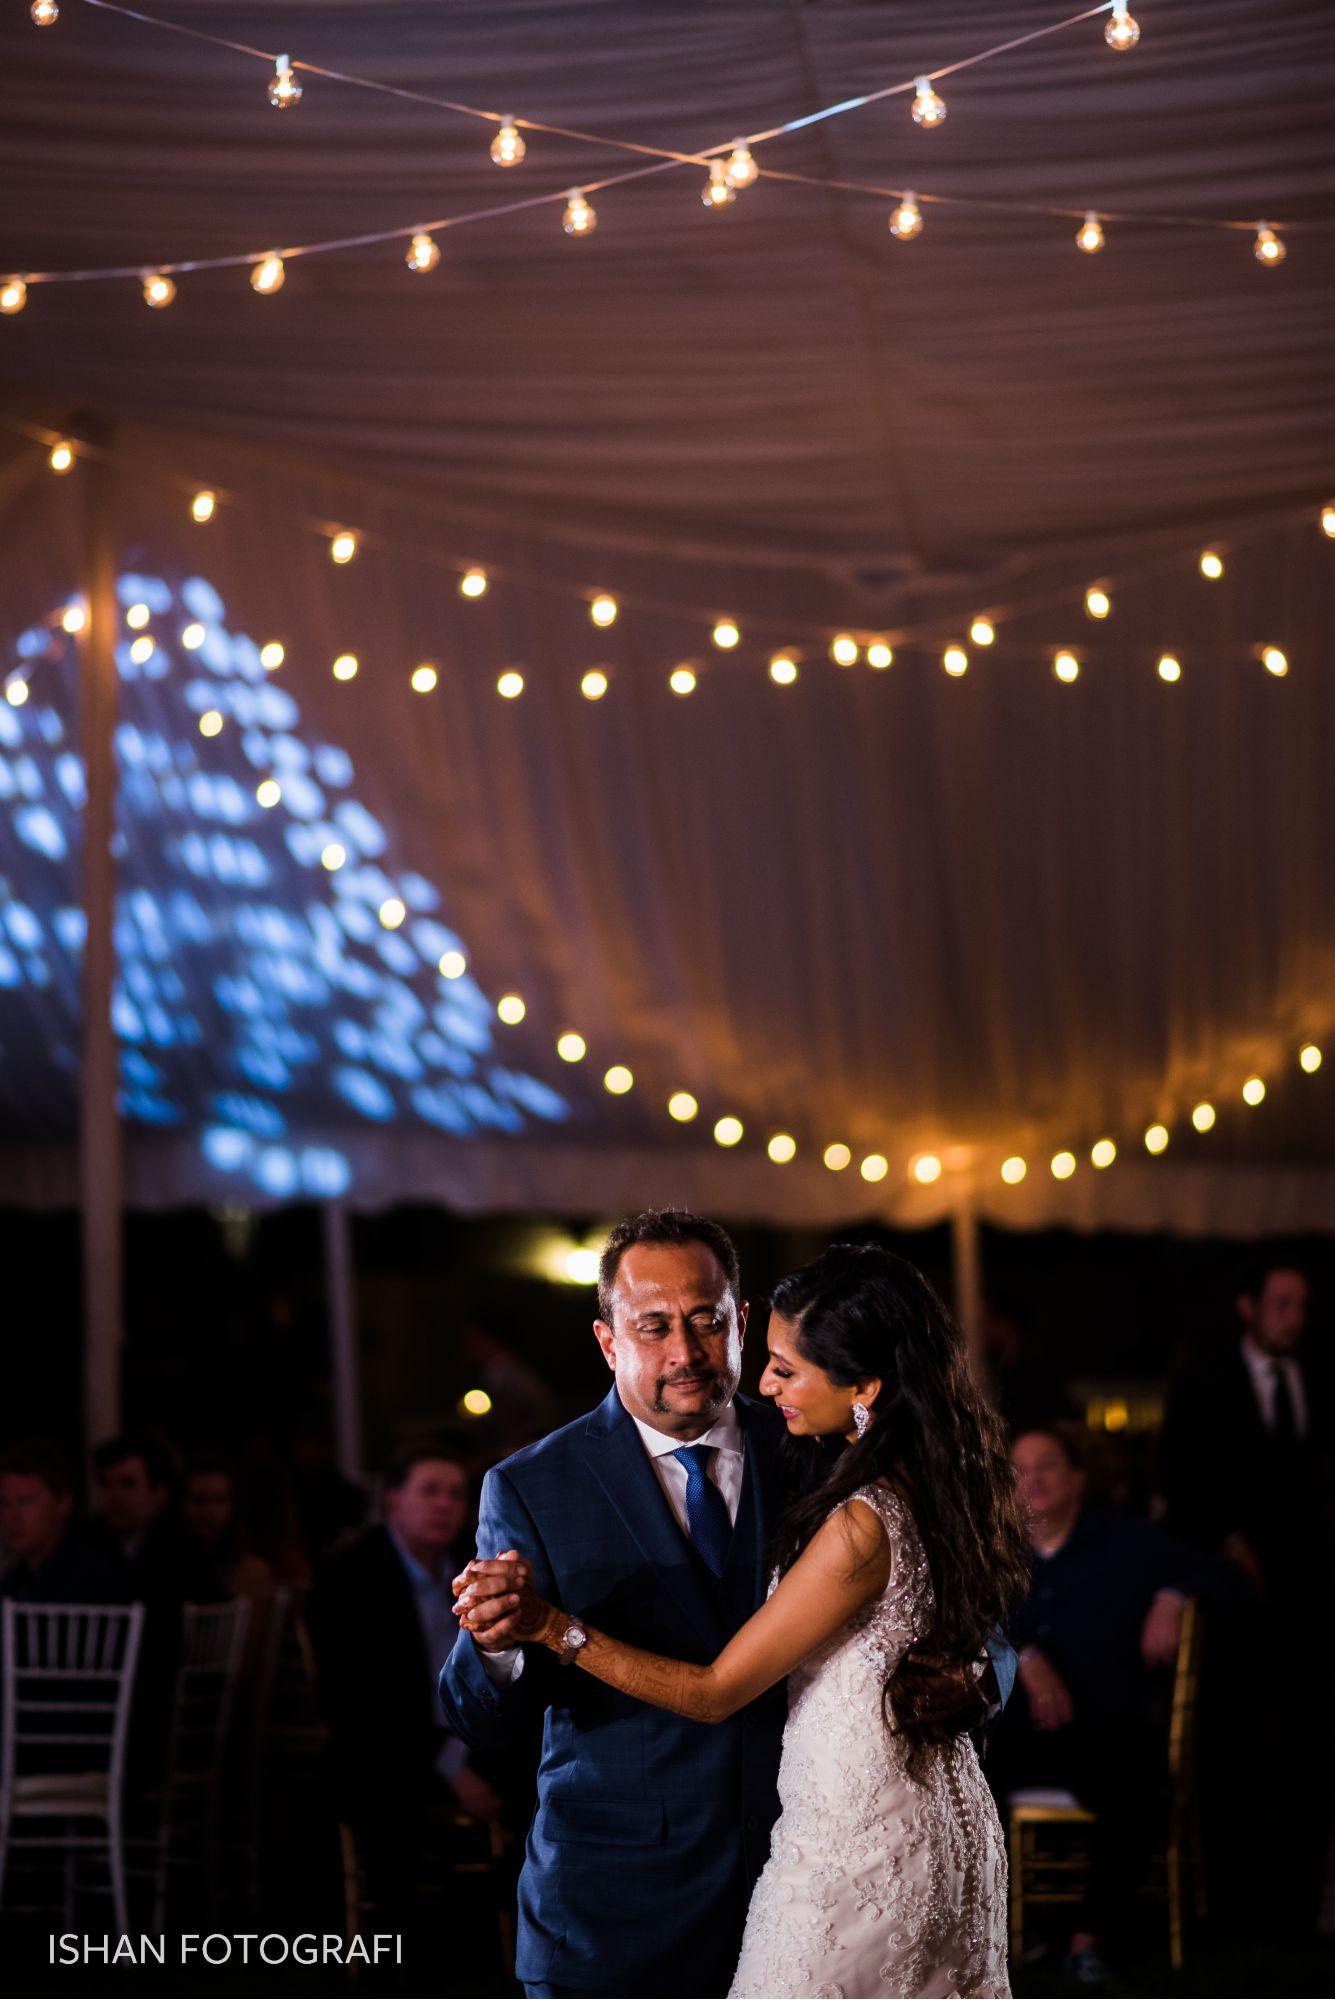 father-daughter-dance-kent-manor-inn-wedding